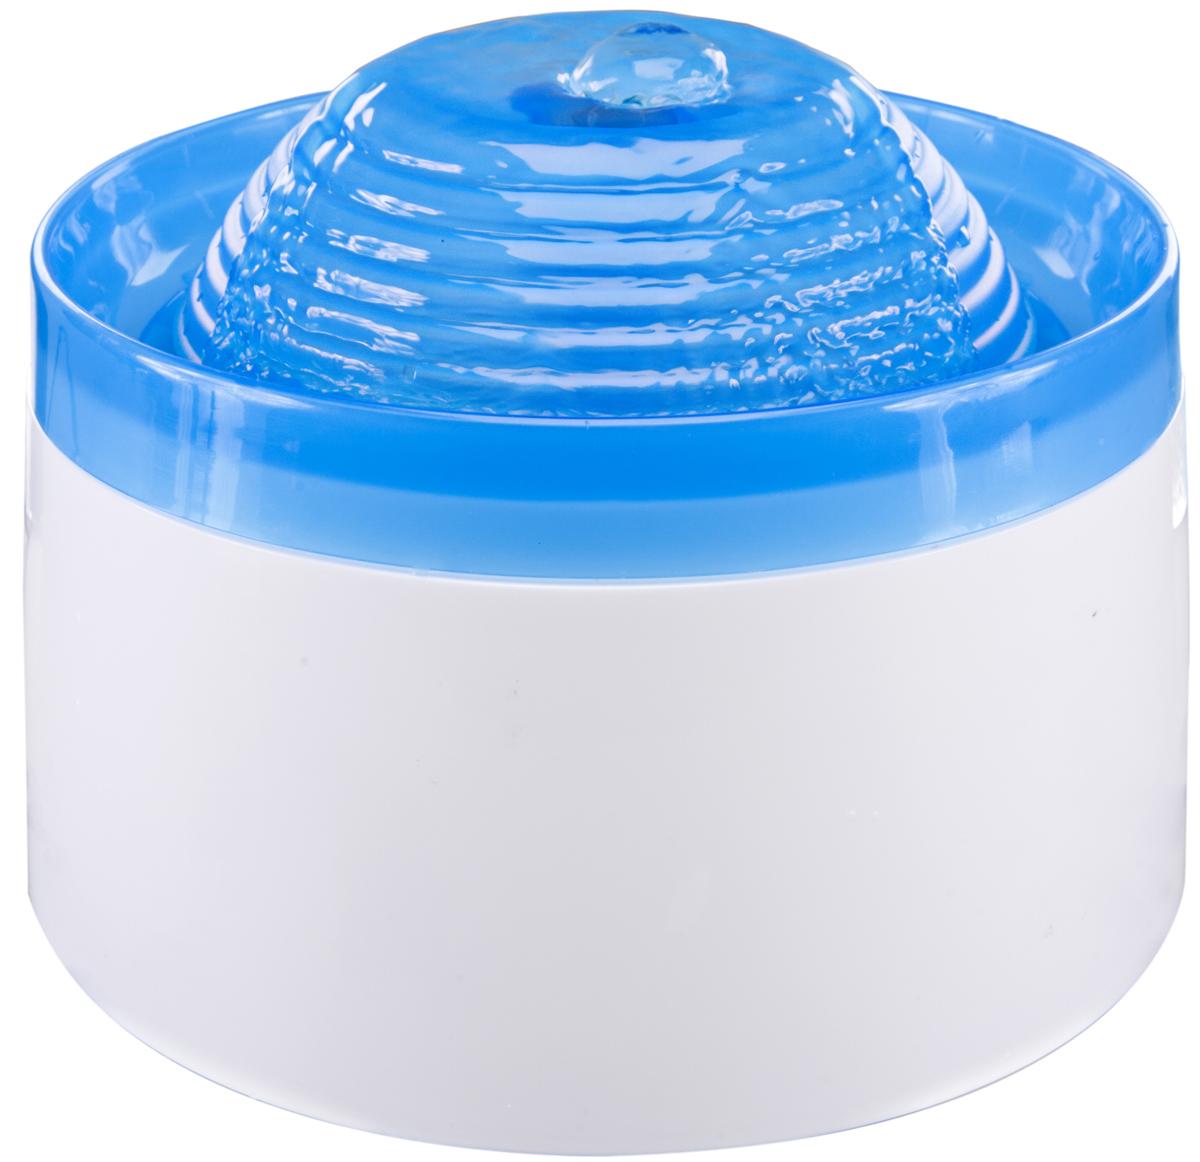 Поилка-фонтанчик Penn-Plax Fountain, цвет: белый. голубой, объем 1,9 л0120710Животным чрезвычайно важно, чтобы вода была свежая и не застоявшаяся. Чтобы облегчить жизнь хозяевам и обеспечить домашних питомцев всегда свежей водой и создаются фонтаны-поилки.Поилка-фонтанчик Penn-Plax Fountain со струящейся и стоячей водой оснащен карбоновым фильтром, эффективно очищает воду.Здоровье вашего четвероногого друга исключительно в ваших руках, а такой фонтан не просто симпатичная игрушка, но действительно полезное приспособление, которое поможет поддержать, а возможно, даже улучшить здоровье вашего любимца.